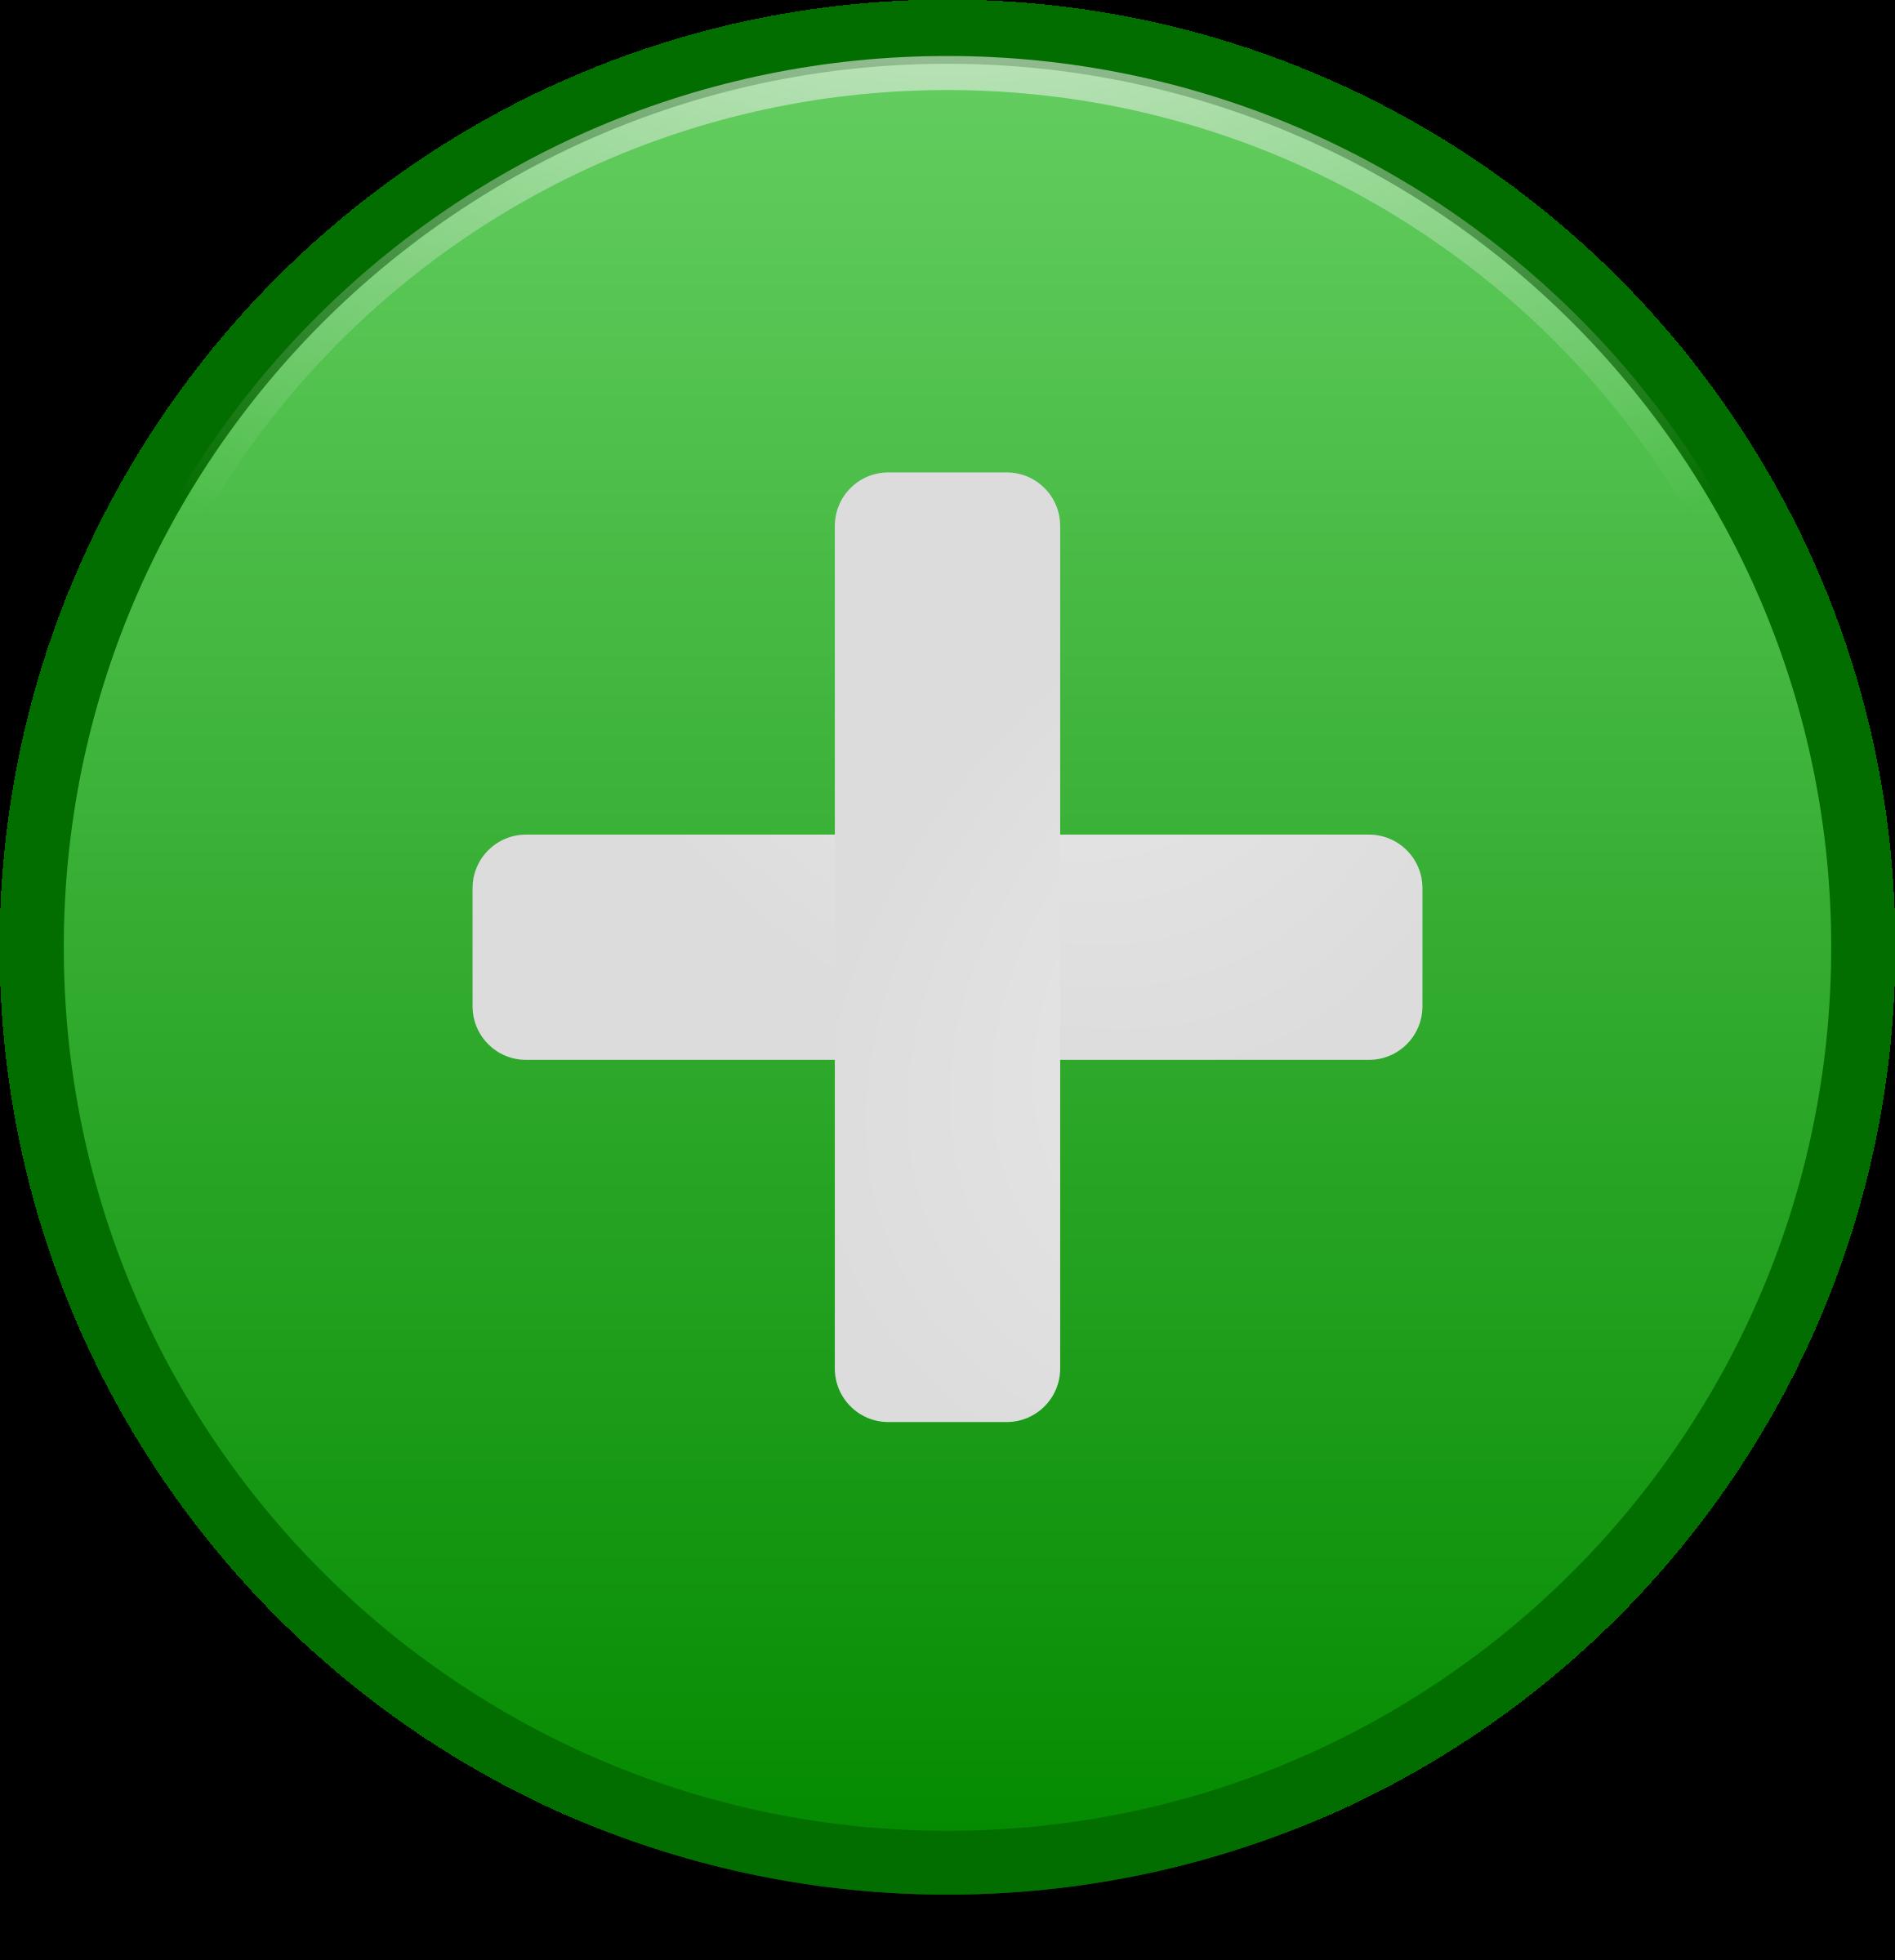 Emblem icon big image. Positive clipart